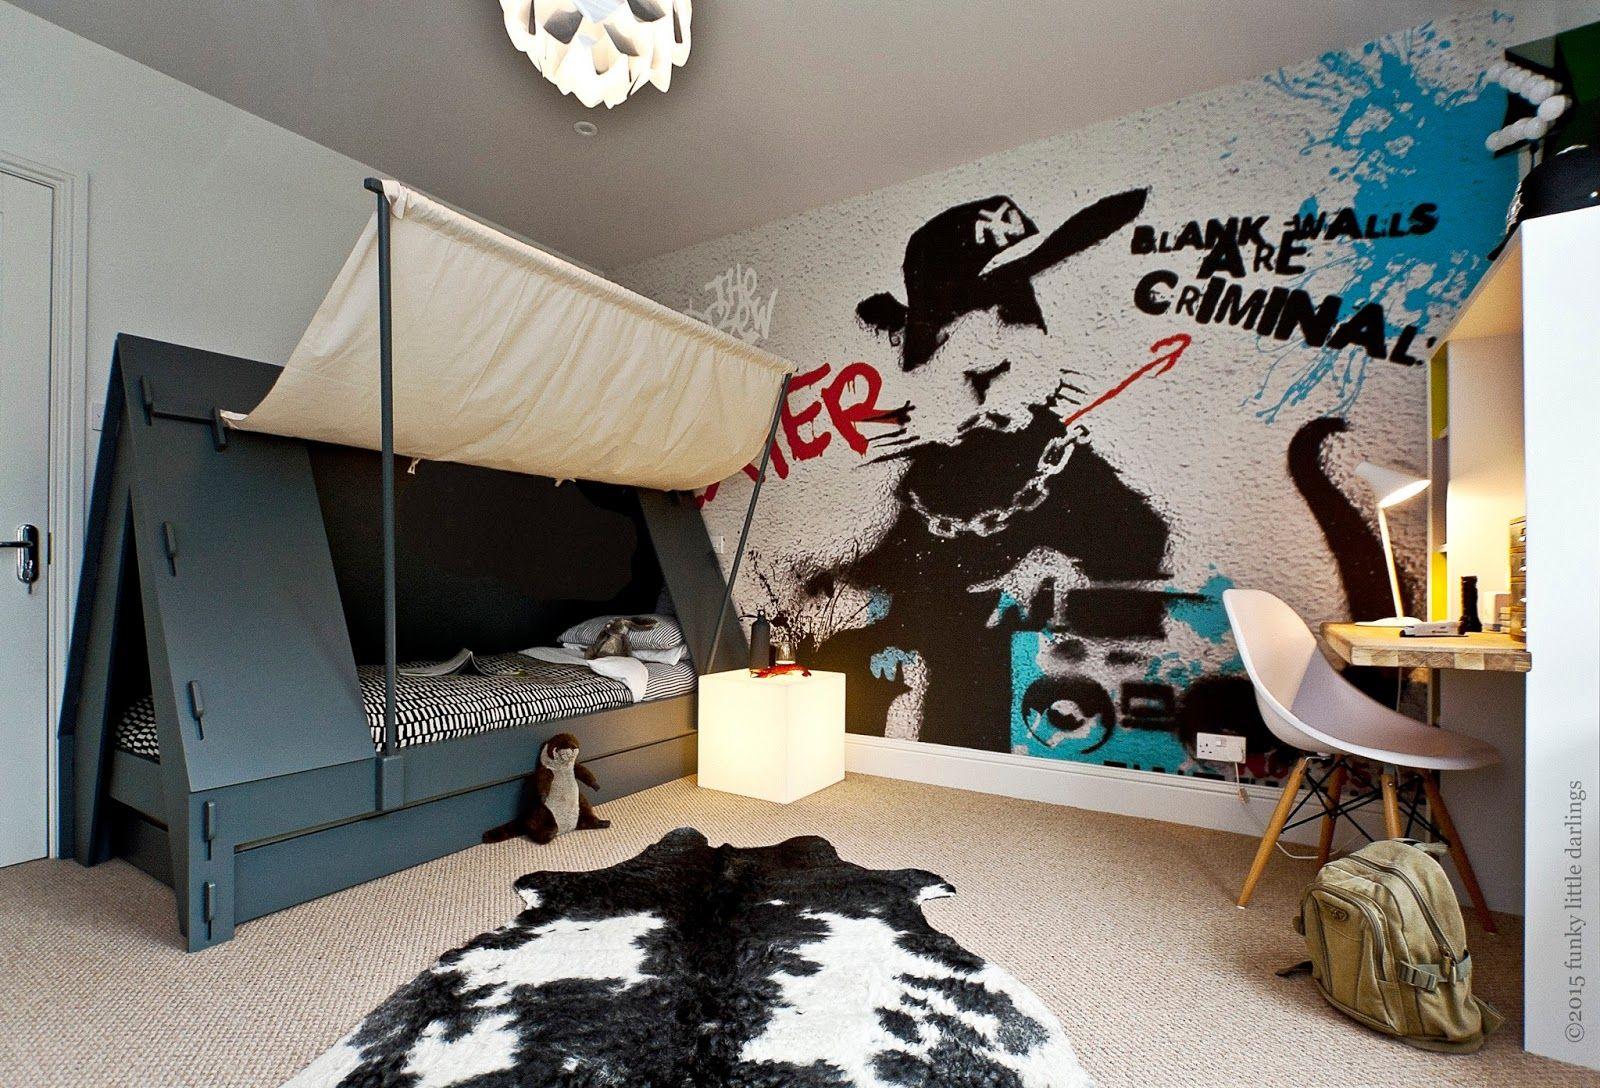 Pin by Lee-Ann Kerr on Daniel's Room | Tente de lit, Chambre ado garçon, Chambre ado